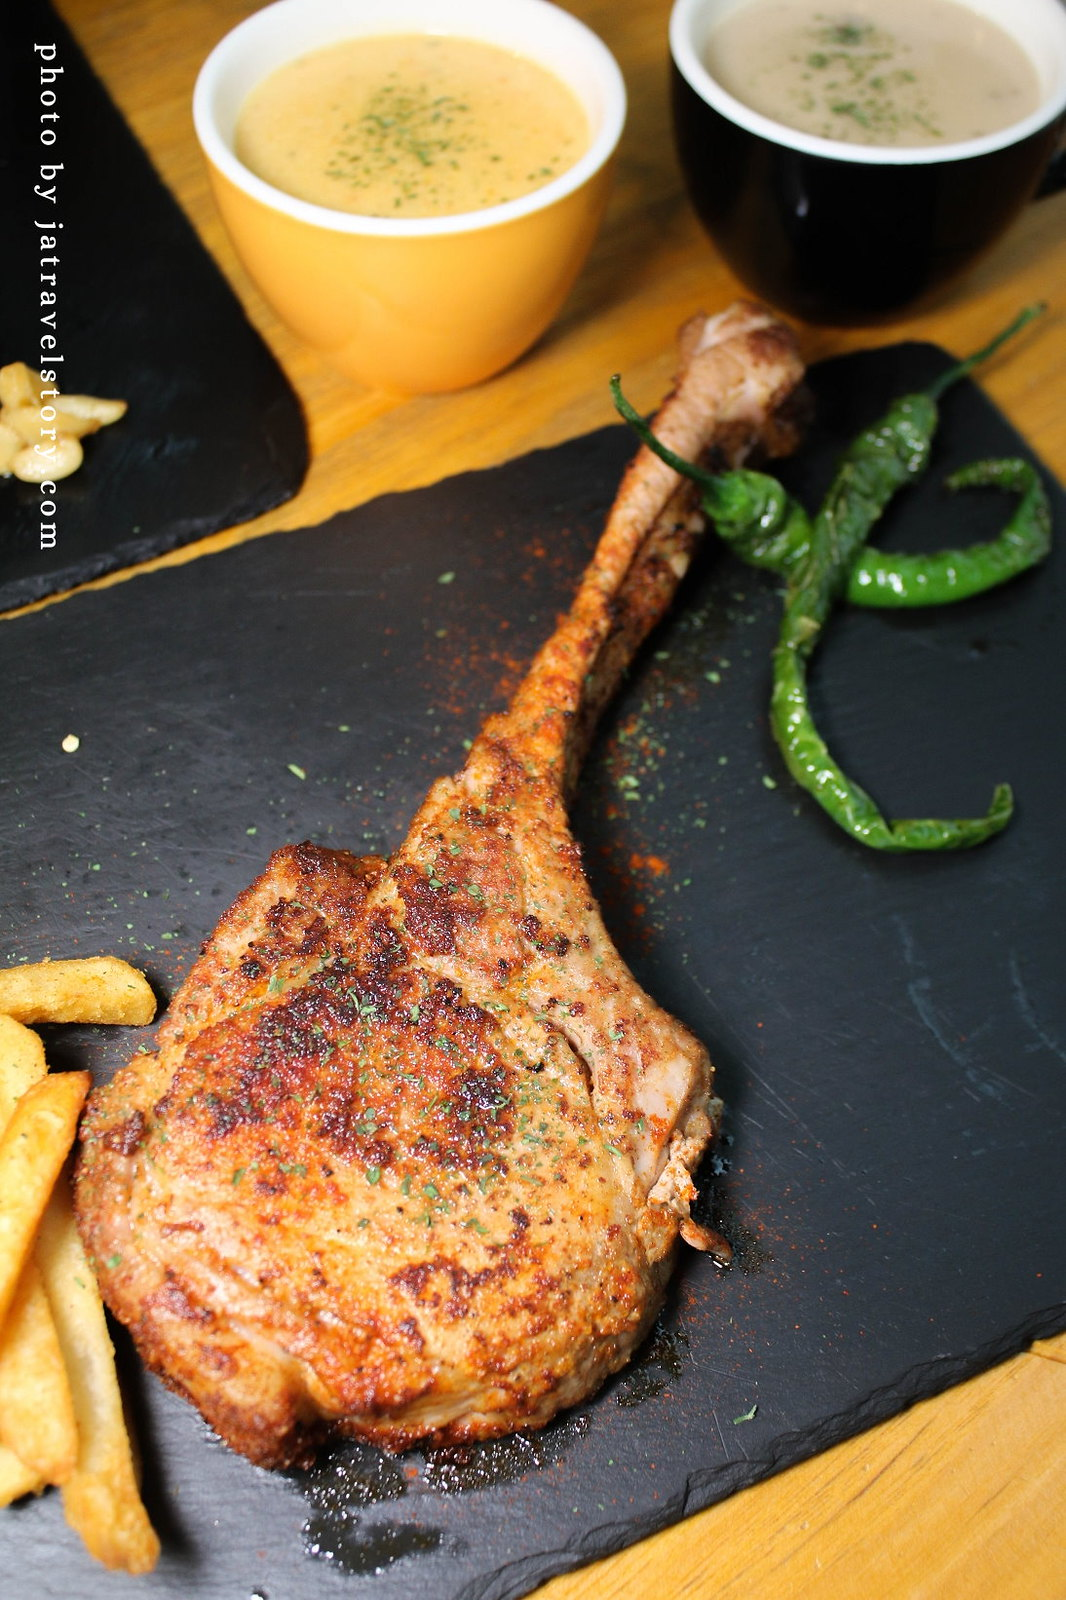 Mastro 戰斧教父 海鮮超澎湃的痛風海鮮燉飯,吃海鮮吃到厭世!中和牛排/中和聚餐餐廳【中和美食/板橋美食】 @J&A的旅行